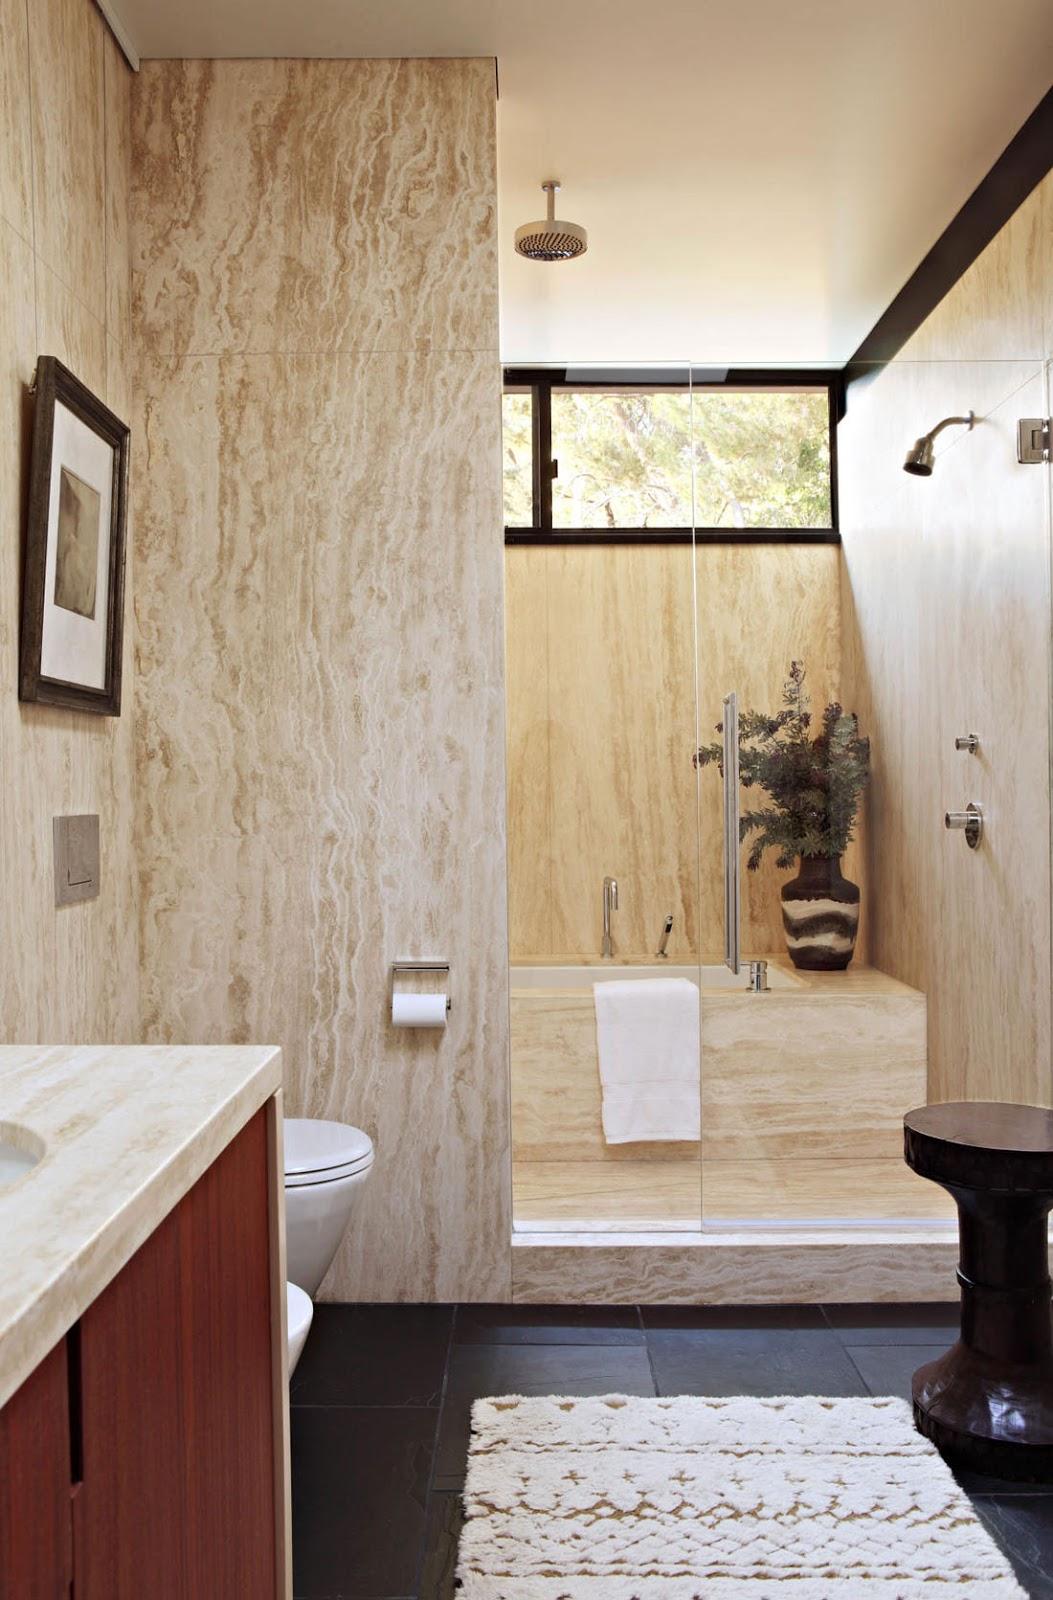 Interiores y 3D: Treinta ideas de diseño de baño con ...